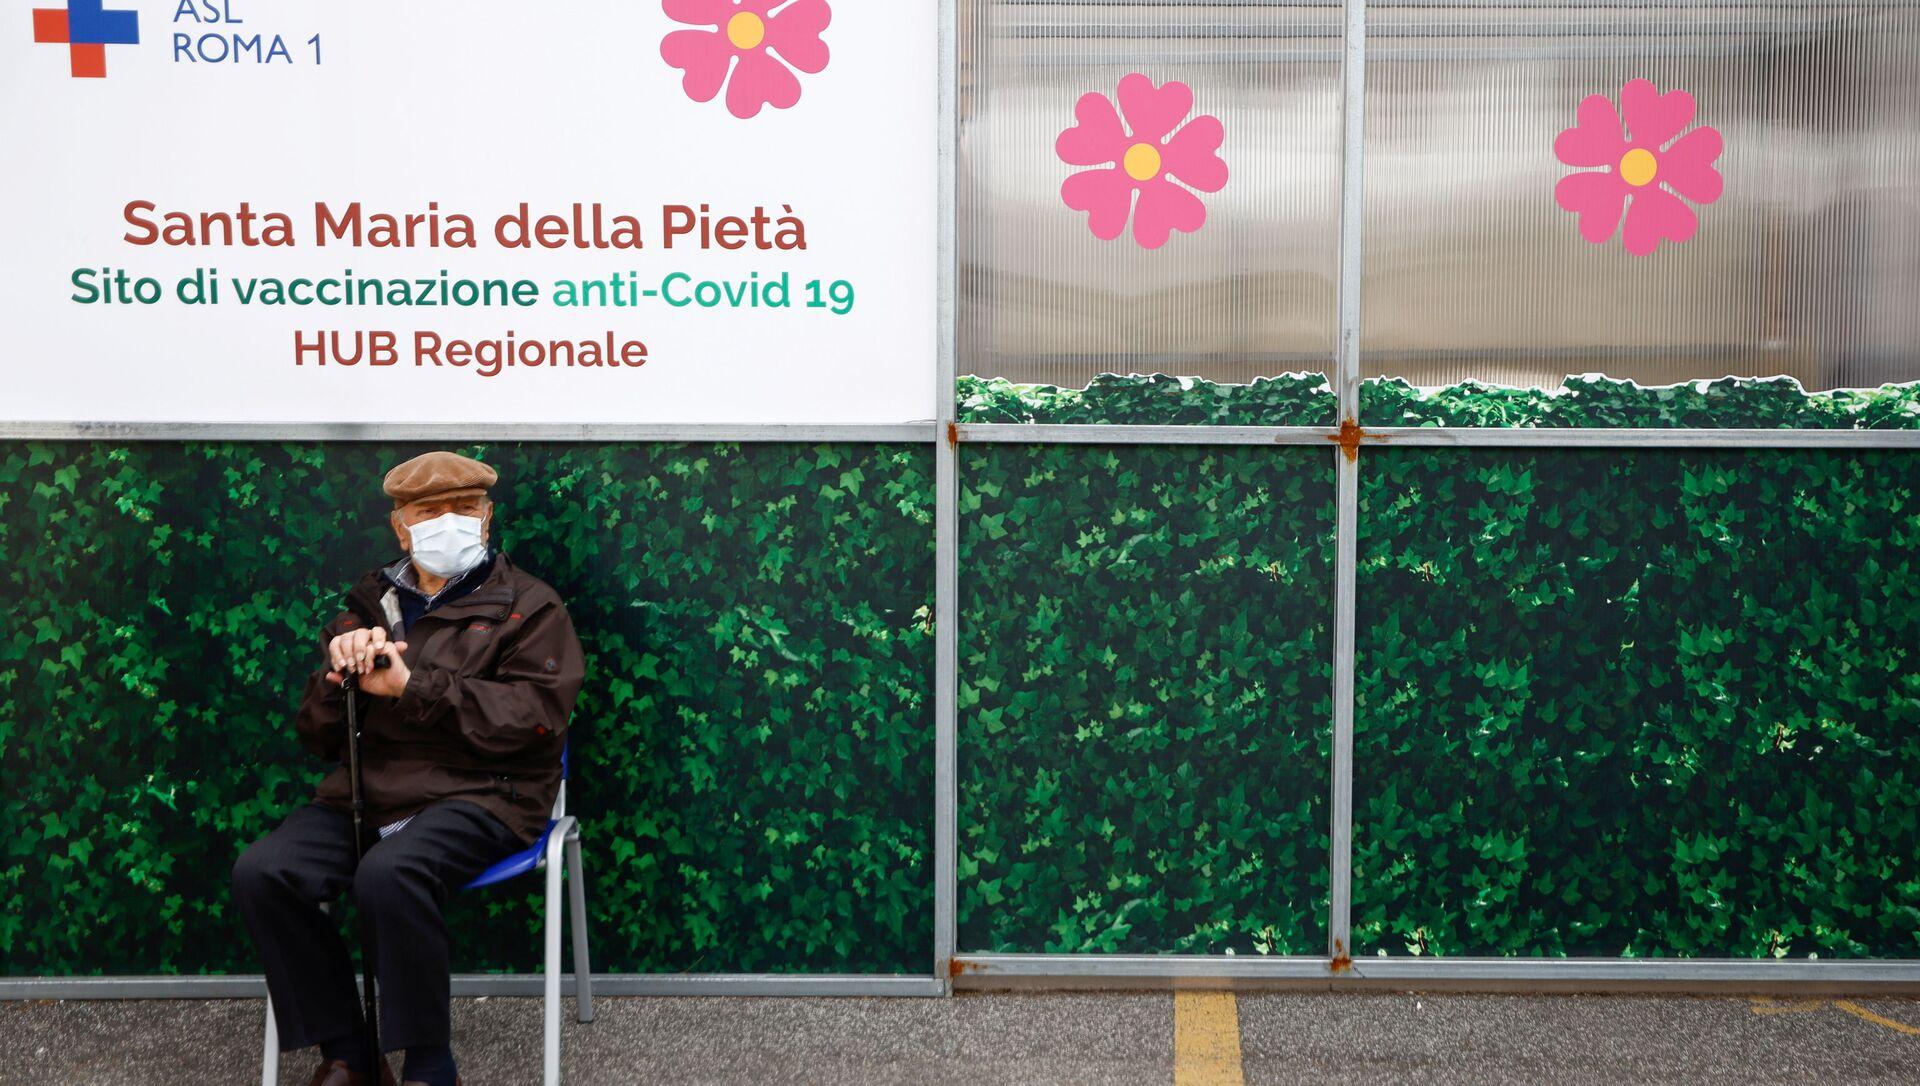 Vaccinazione in Italia, un anziano attende il suo turno - Sputnik Italia, 1920, 19.03.2021